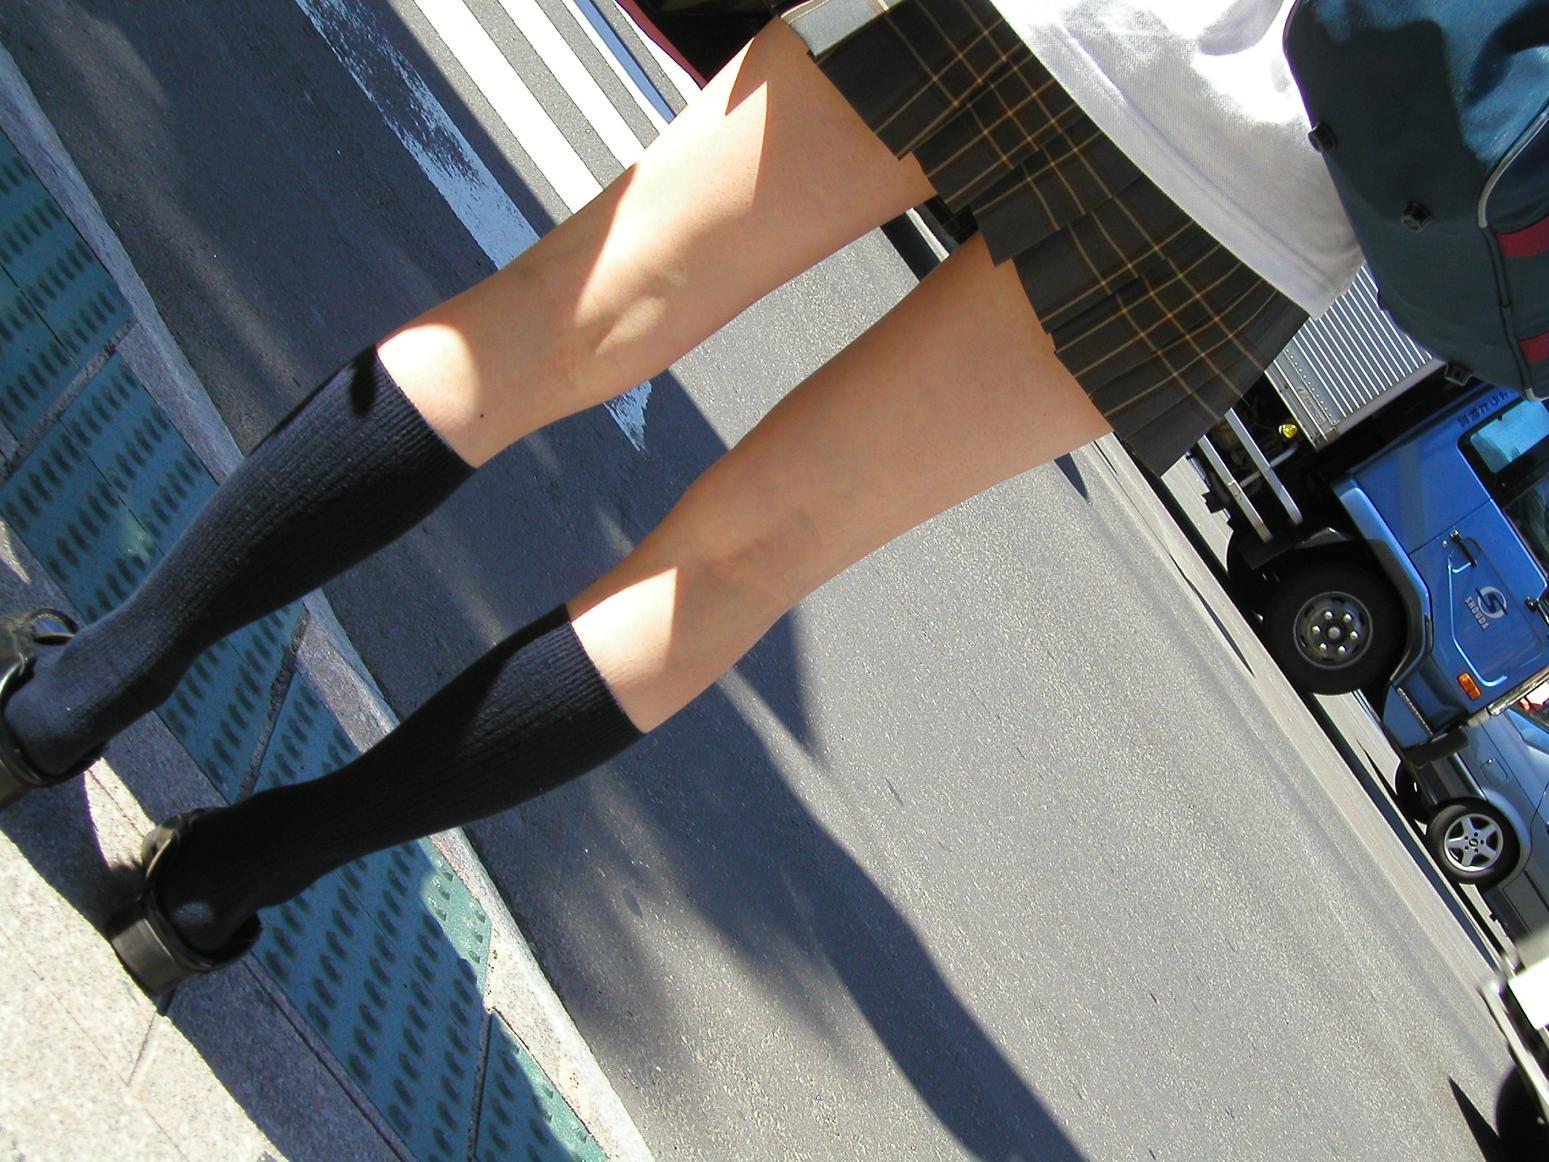 【JK街撮り画像】パンチラの前に重視すべきwww制服女子の健康的にムチムチした太股 03